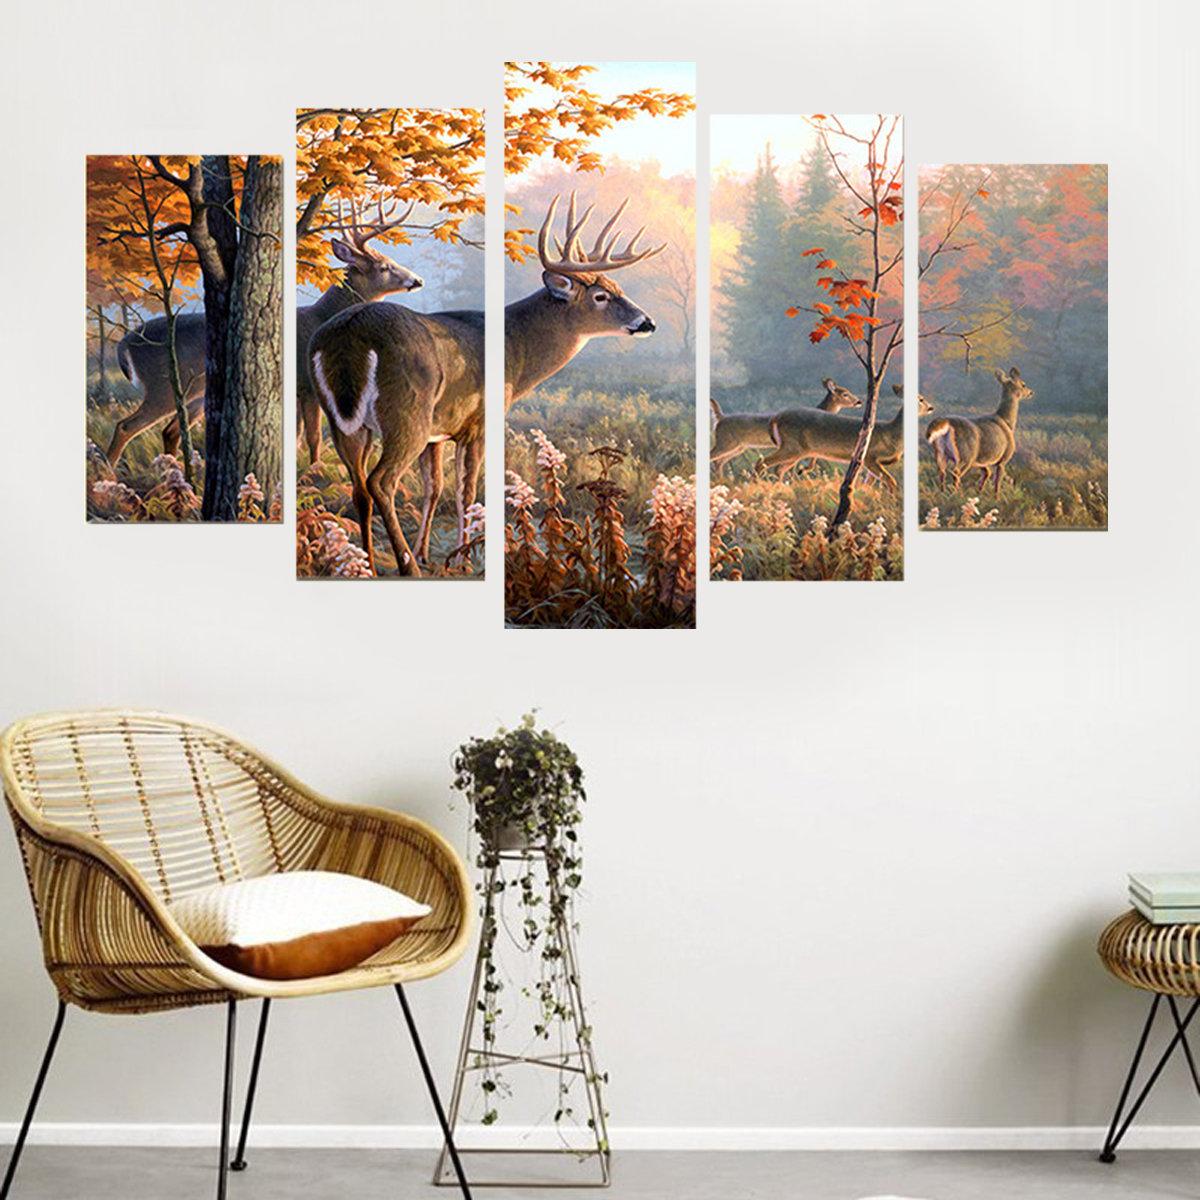 5pcs unframed moderne anstrich segeltuch wand kunst bild for Wand kunst wohnzimmer